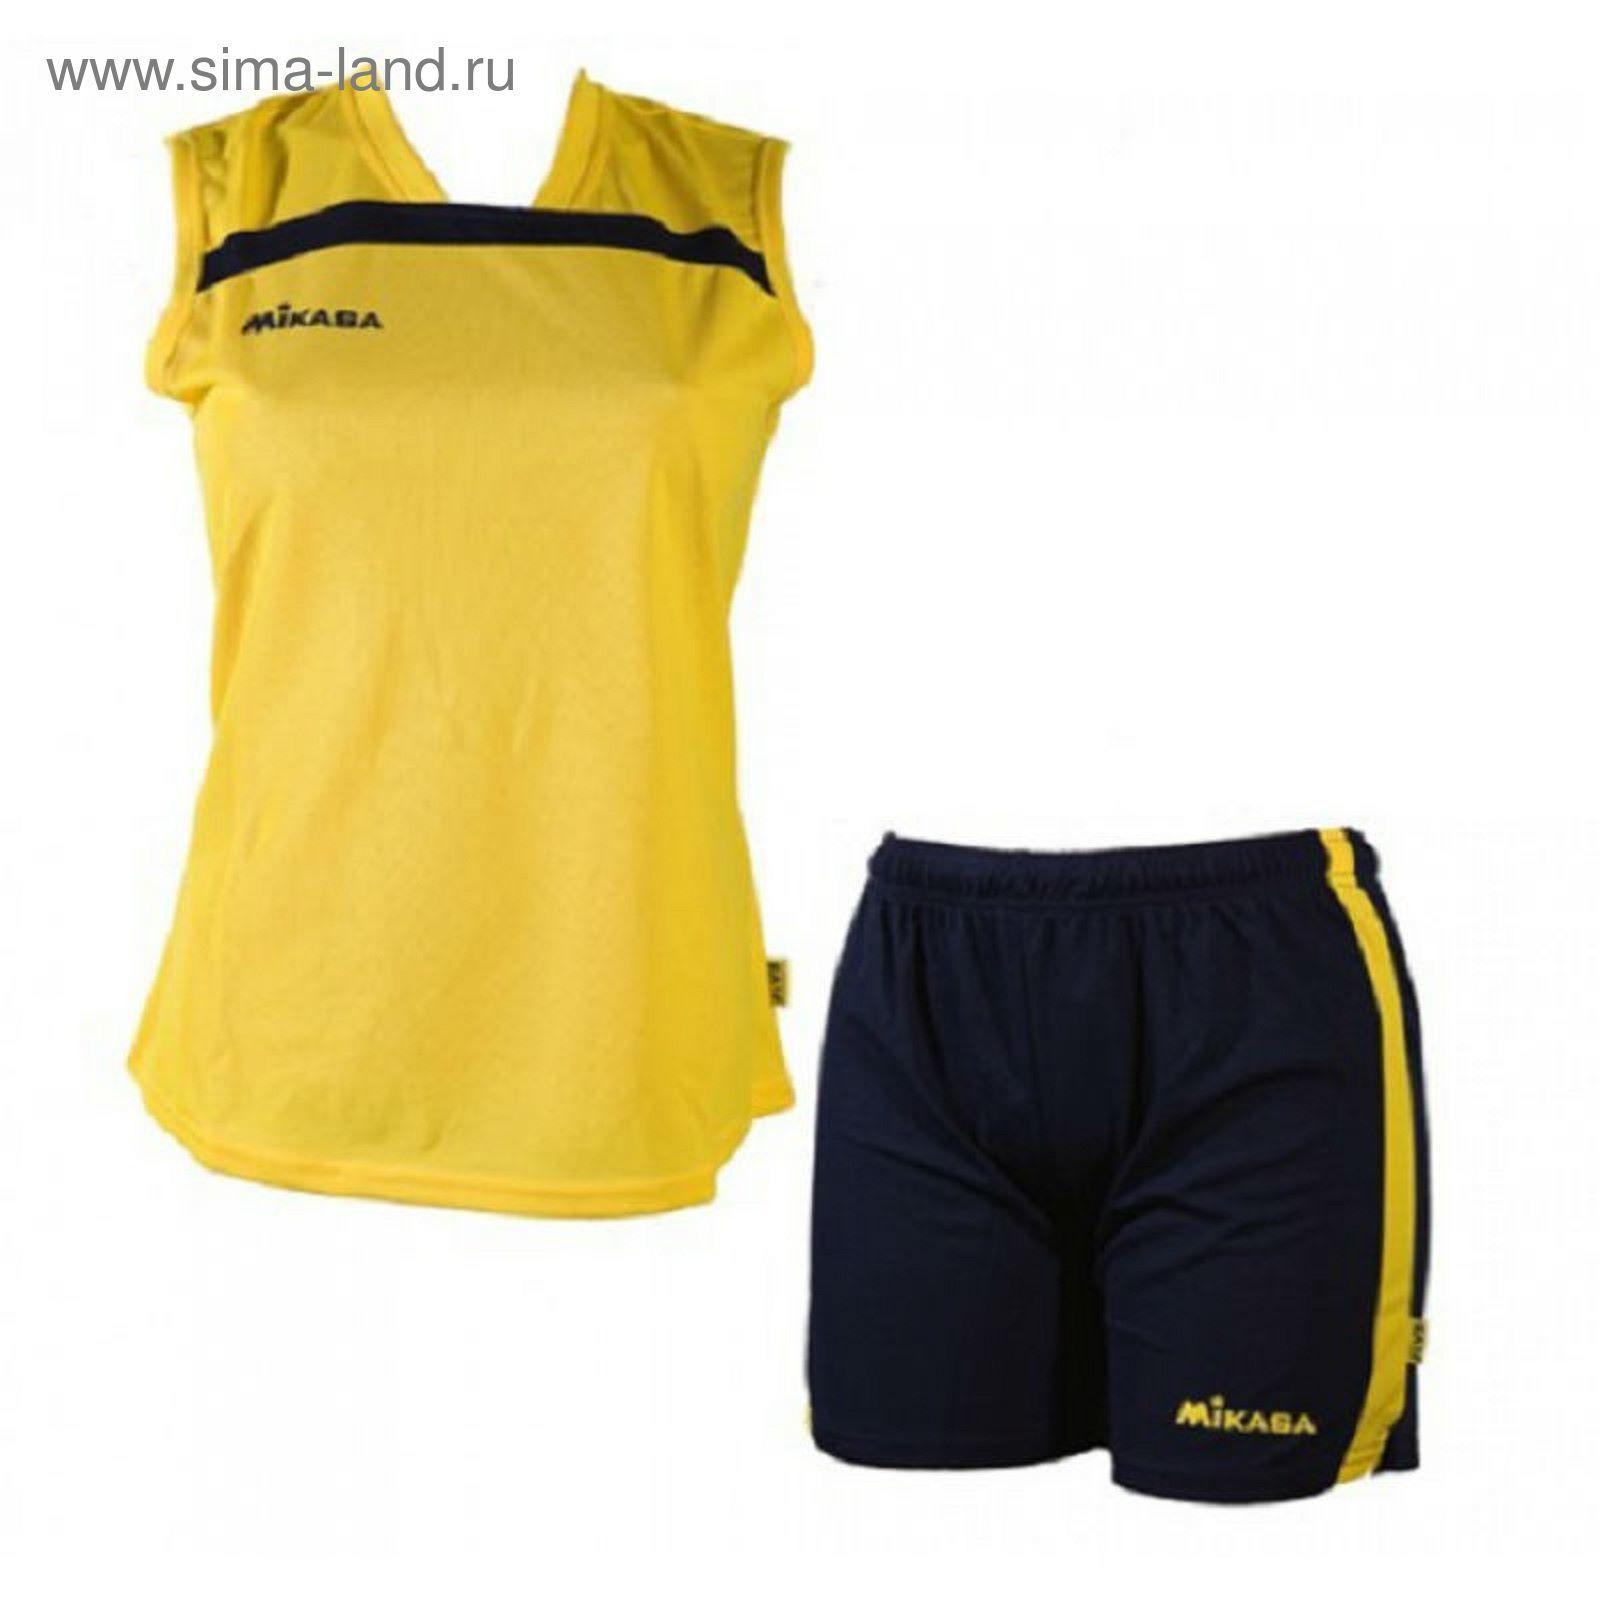 6ff7c196b193 Форма волейбольная 2XL MIKASA MT239 0012 CORAL (2032127) - Купить по ...